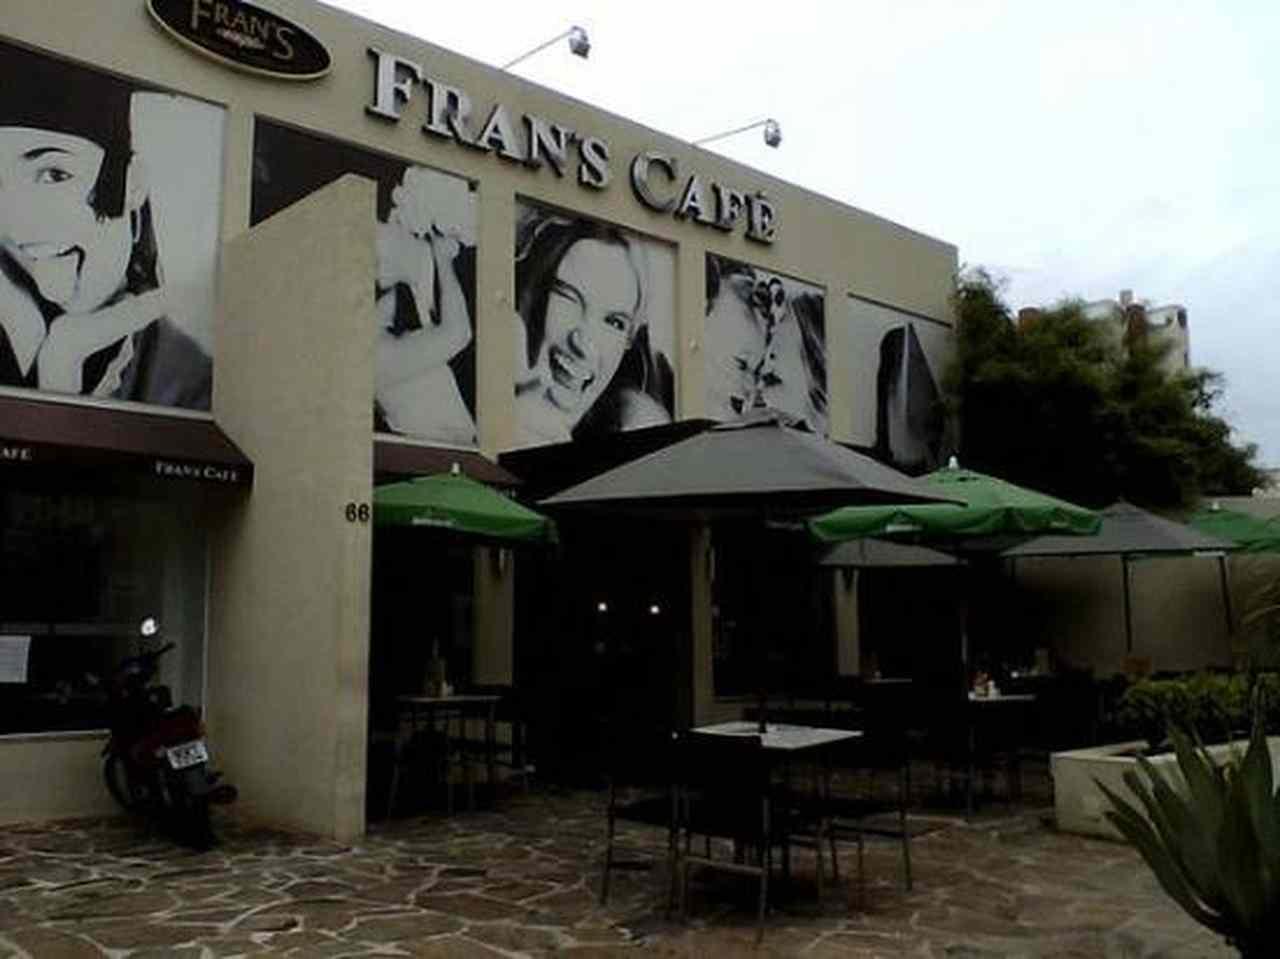 Fran's Café 24 horas em Goiânia | Foto: Divulgação